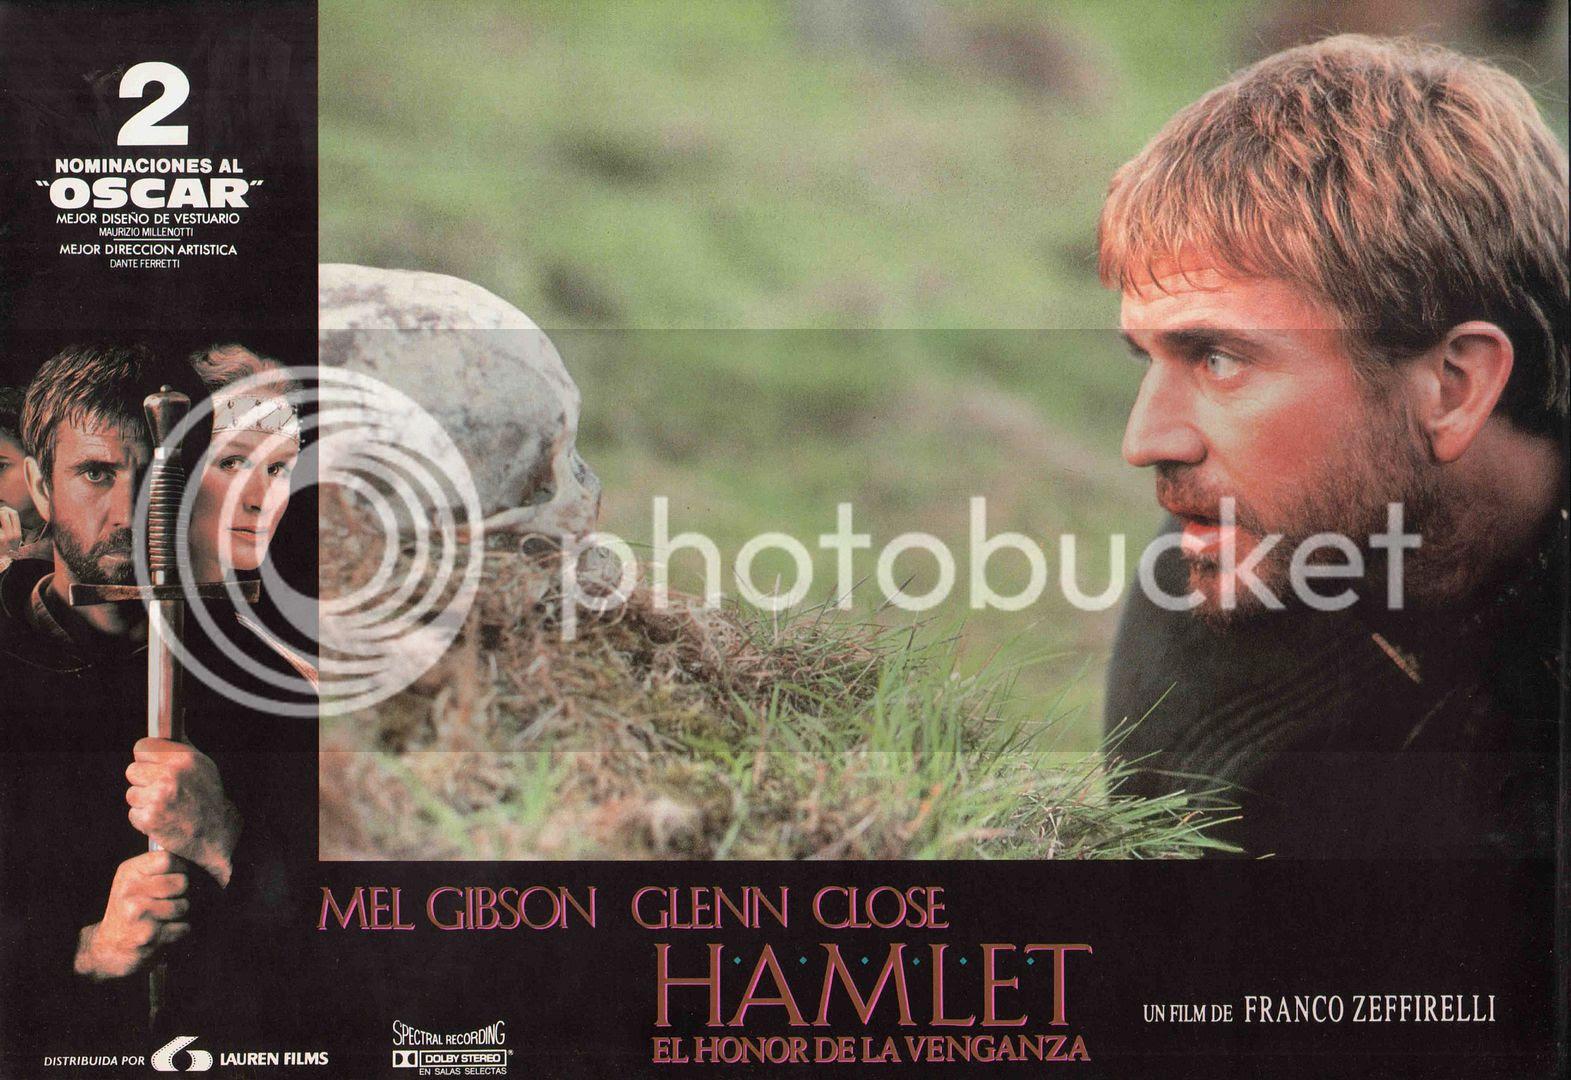 photo poster_hamlet-2.jpg